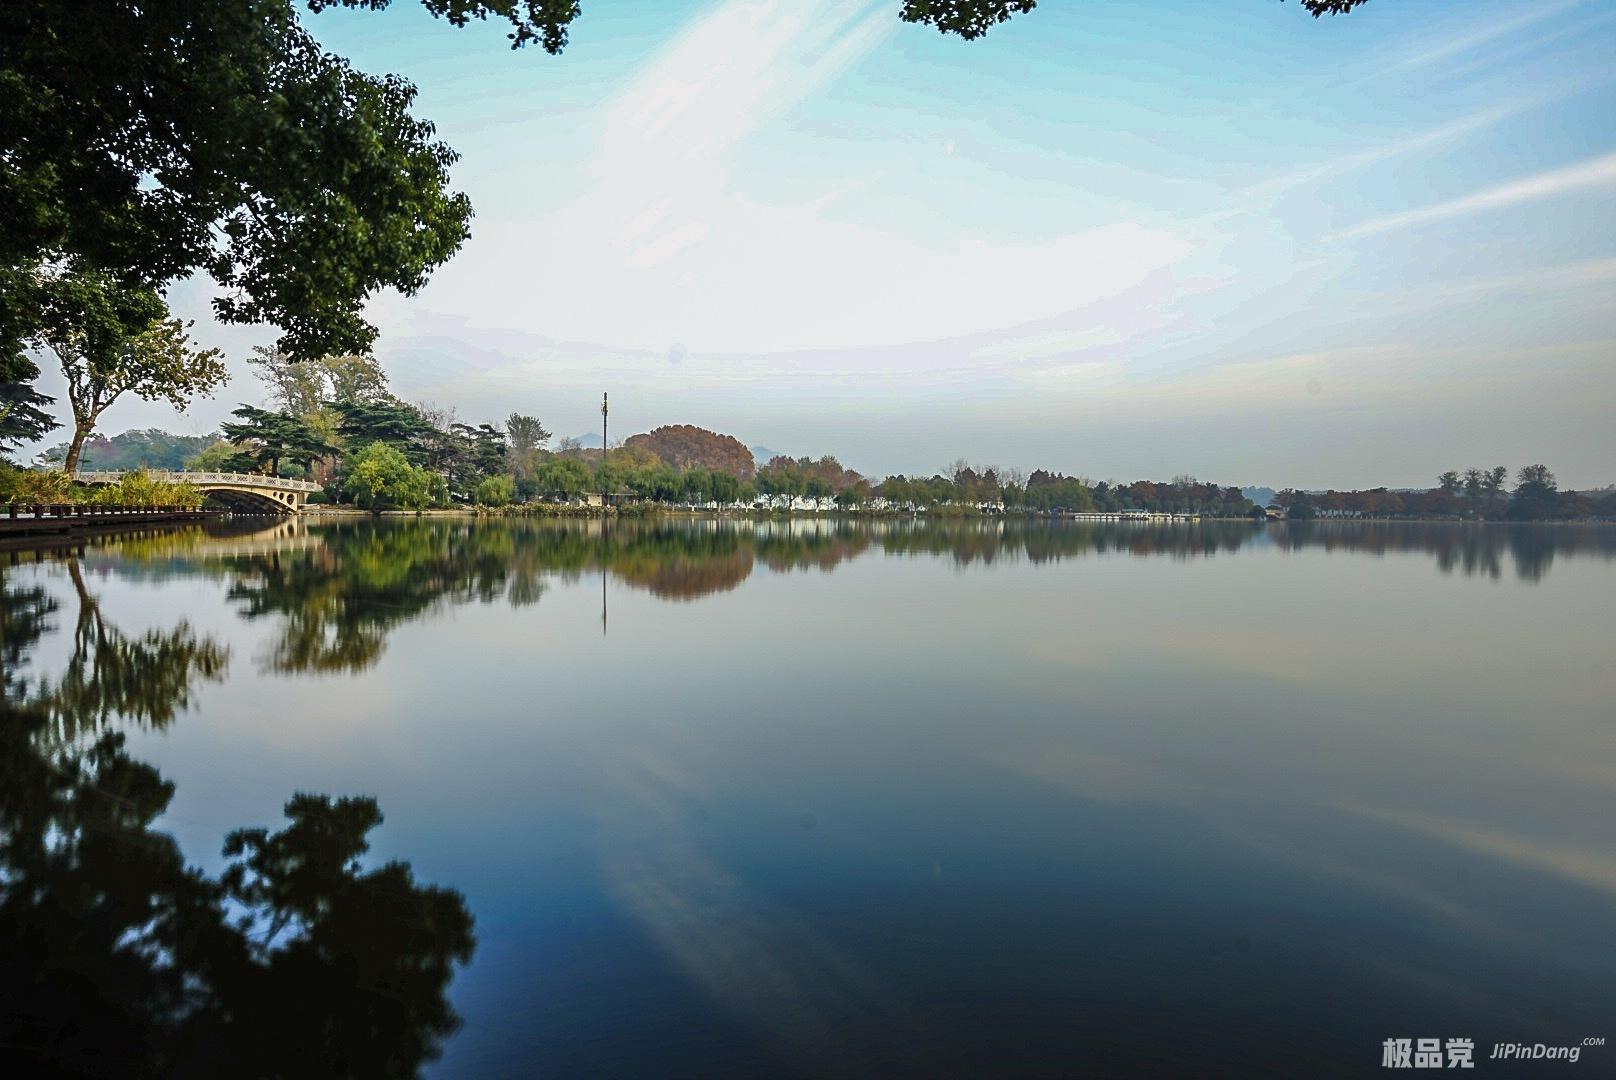 南京玄武湖公园一景-极品党